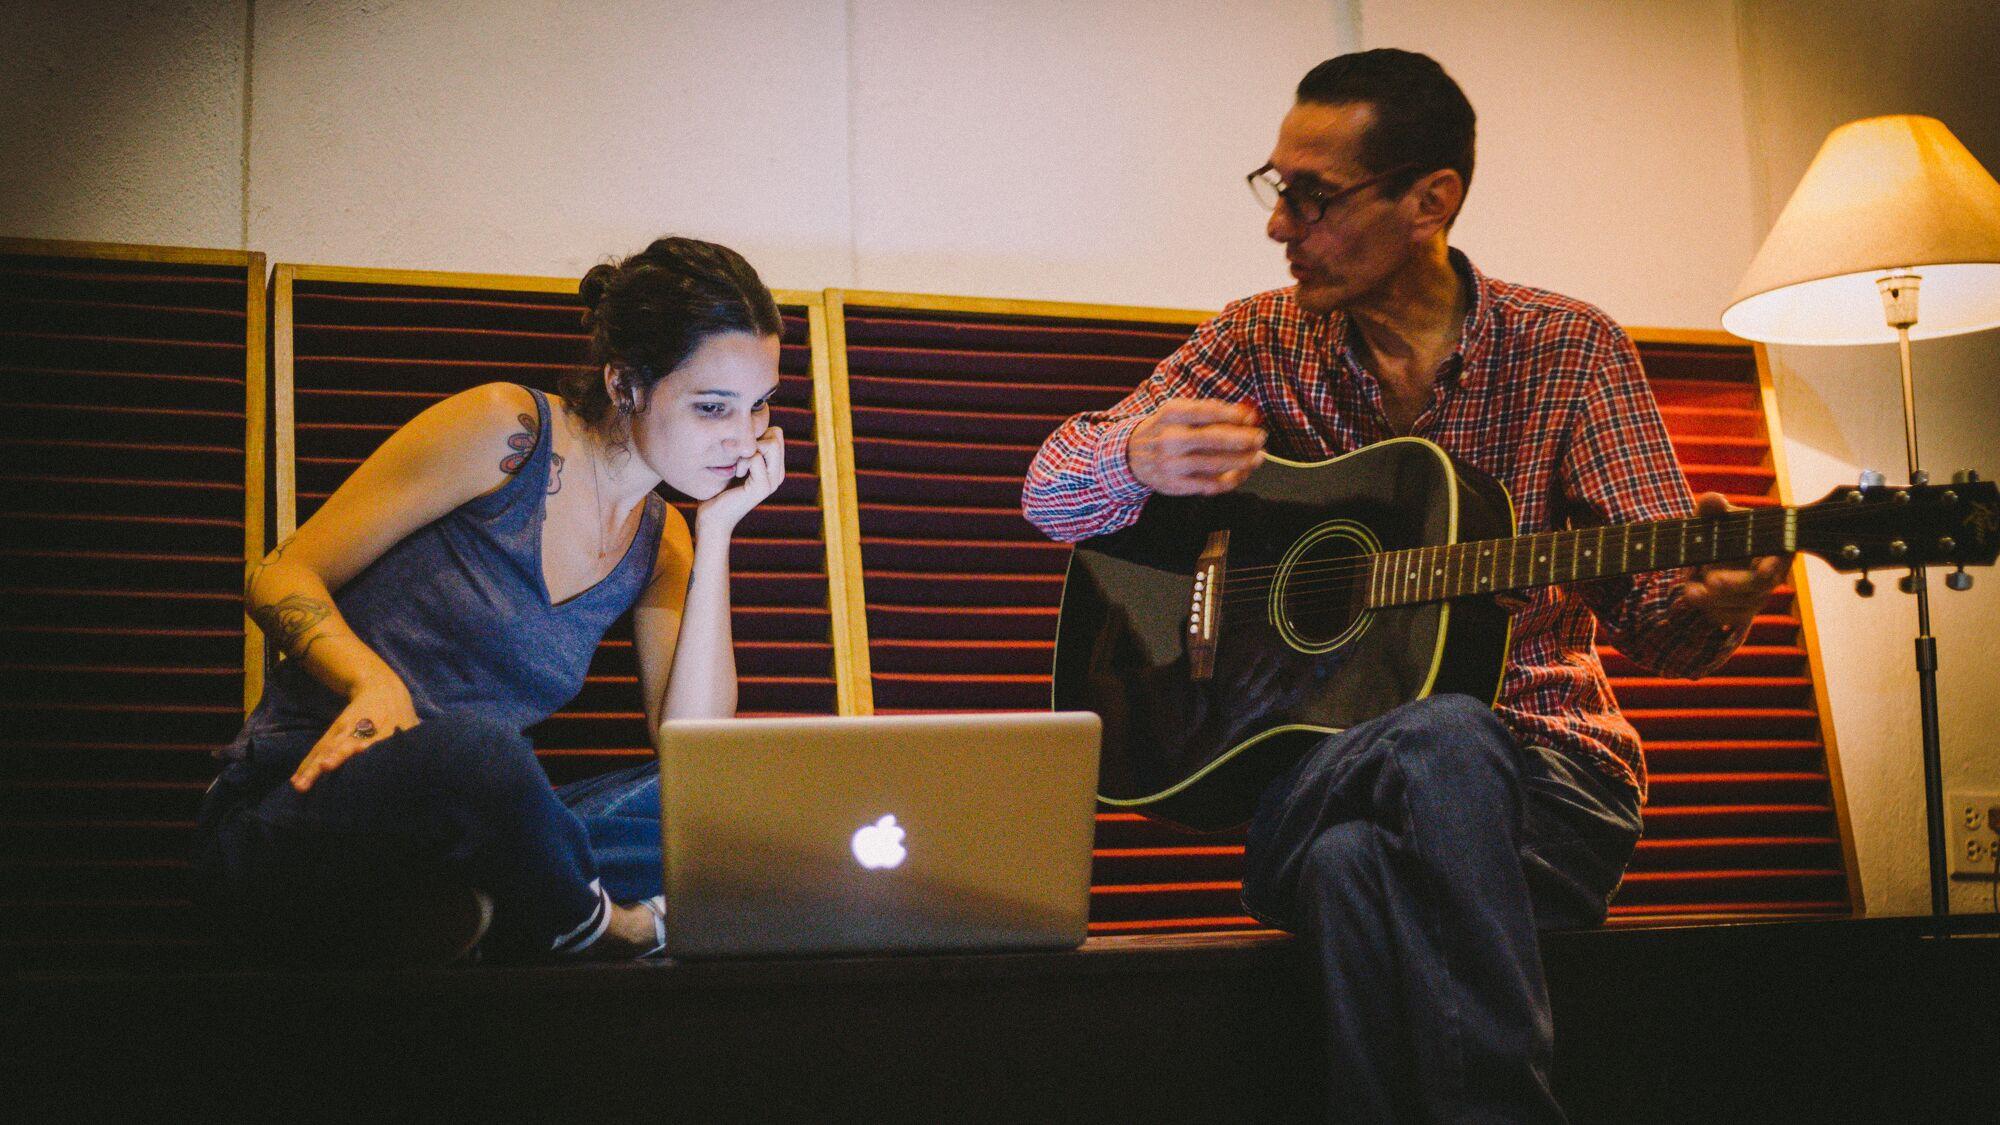 Pedrosa documentó las observaciones de decenas de participantes en el proyecto discogr;afico de la artista. (Foto Alejandro Pedrosa) participantes